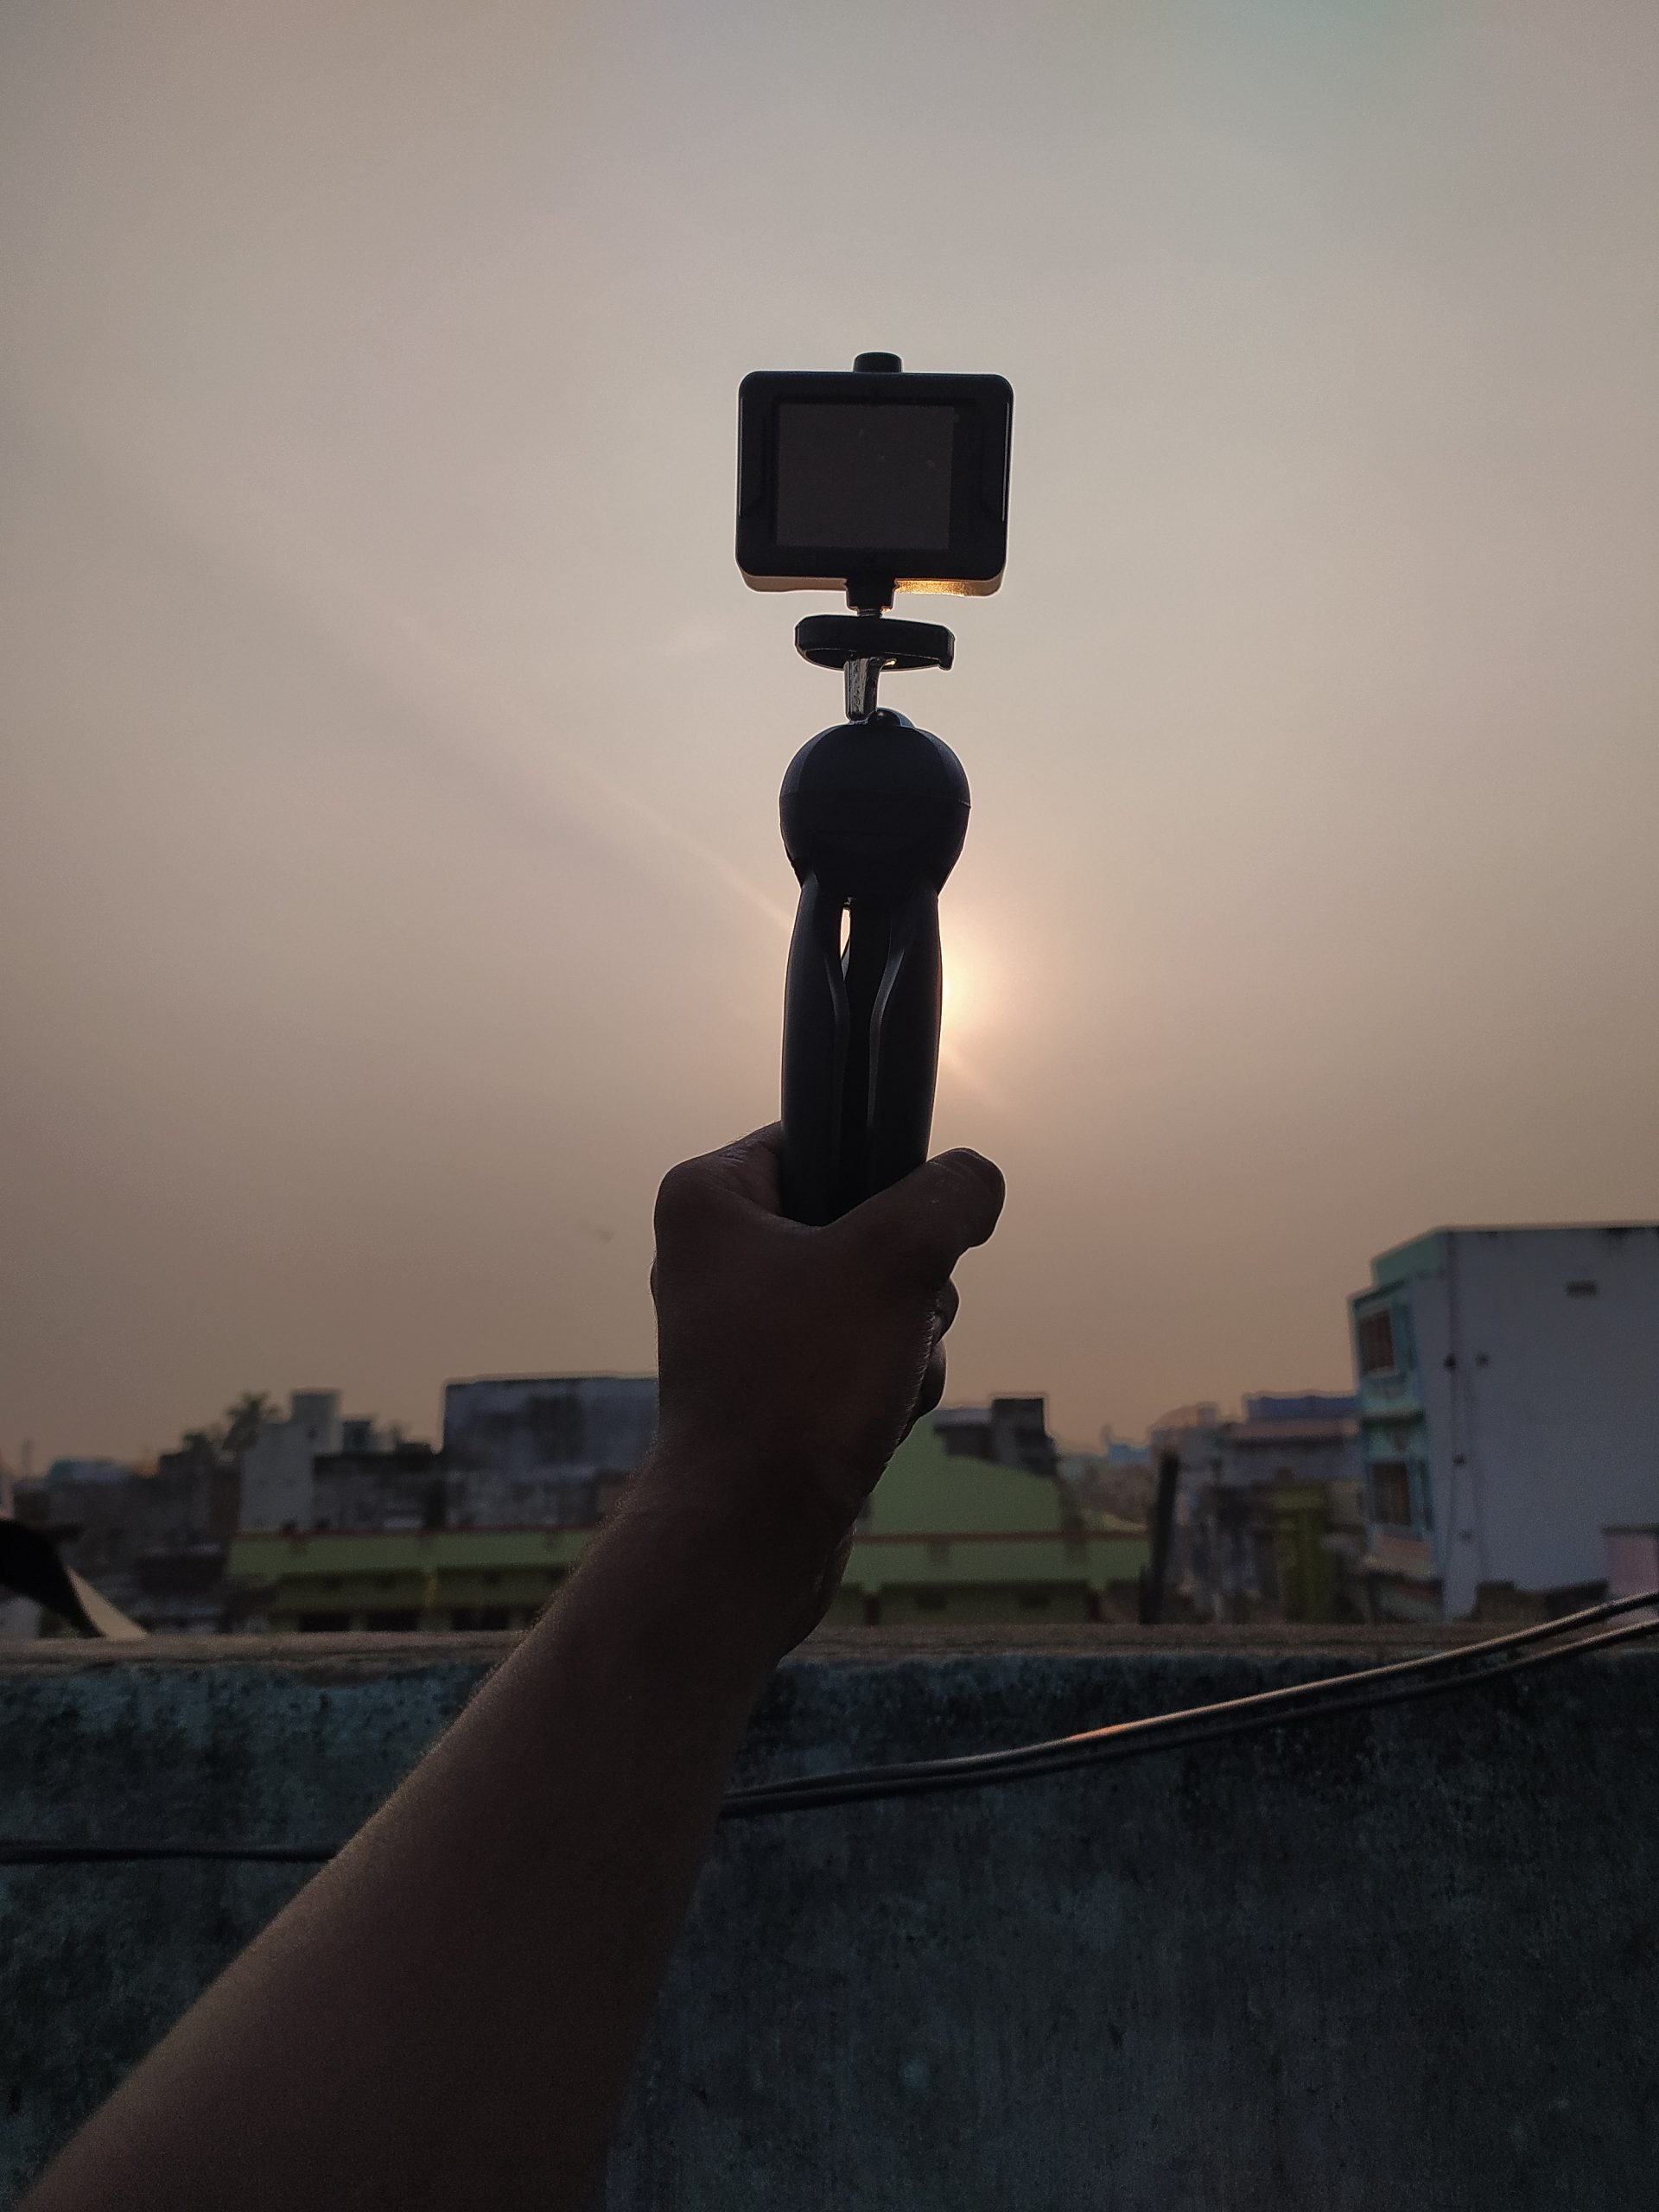 Go pro camera in hand